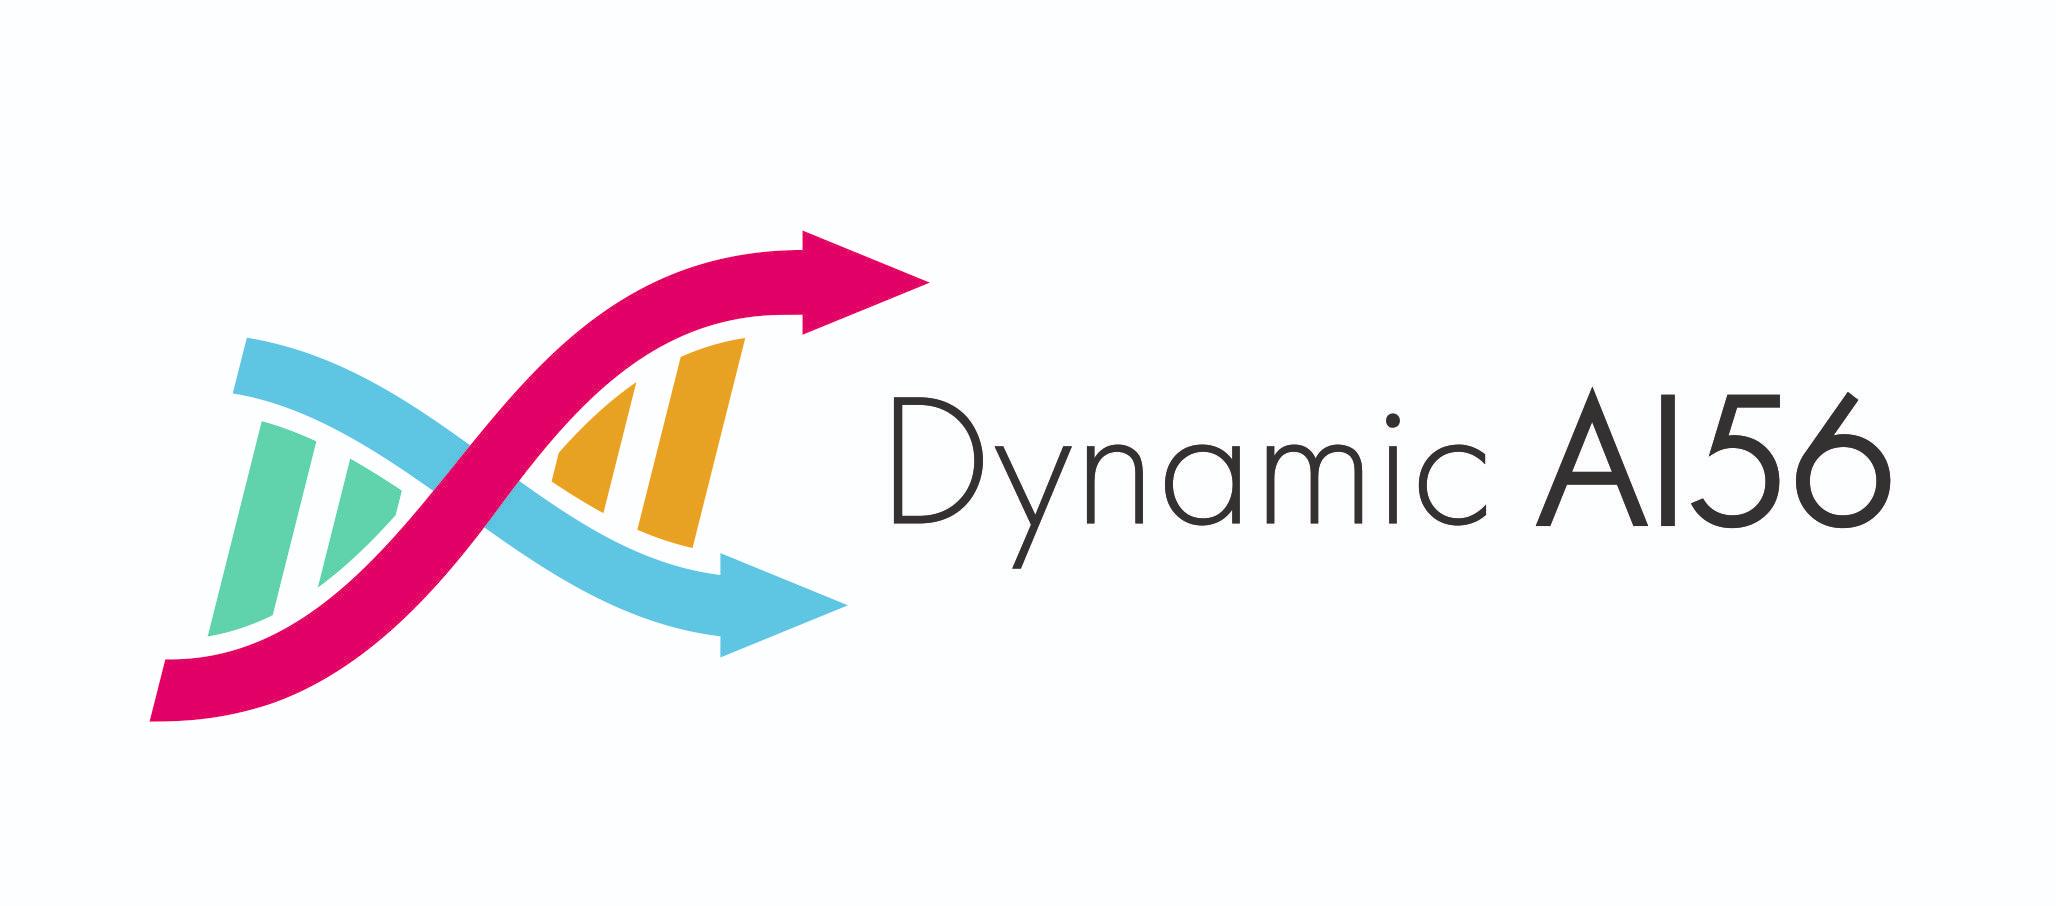 Dynamic AI56 Logo